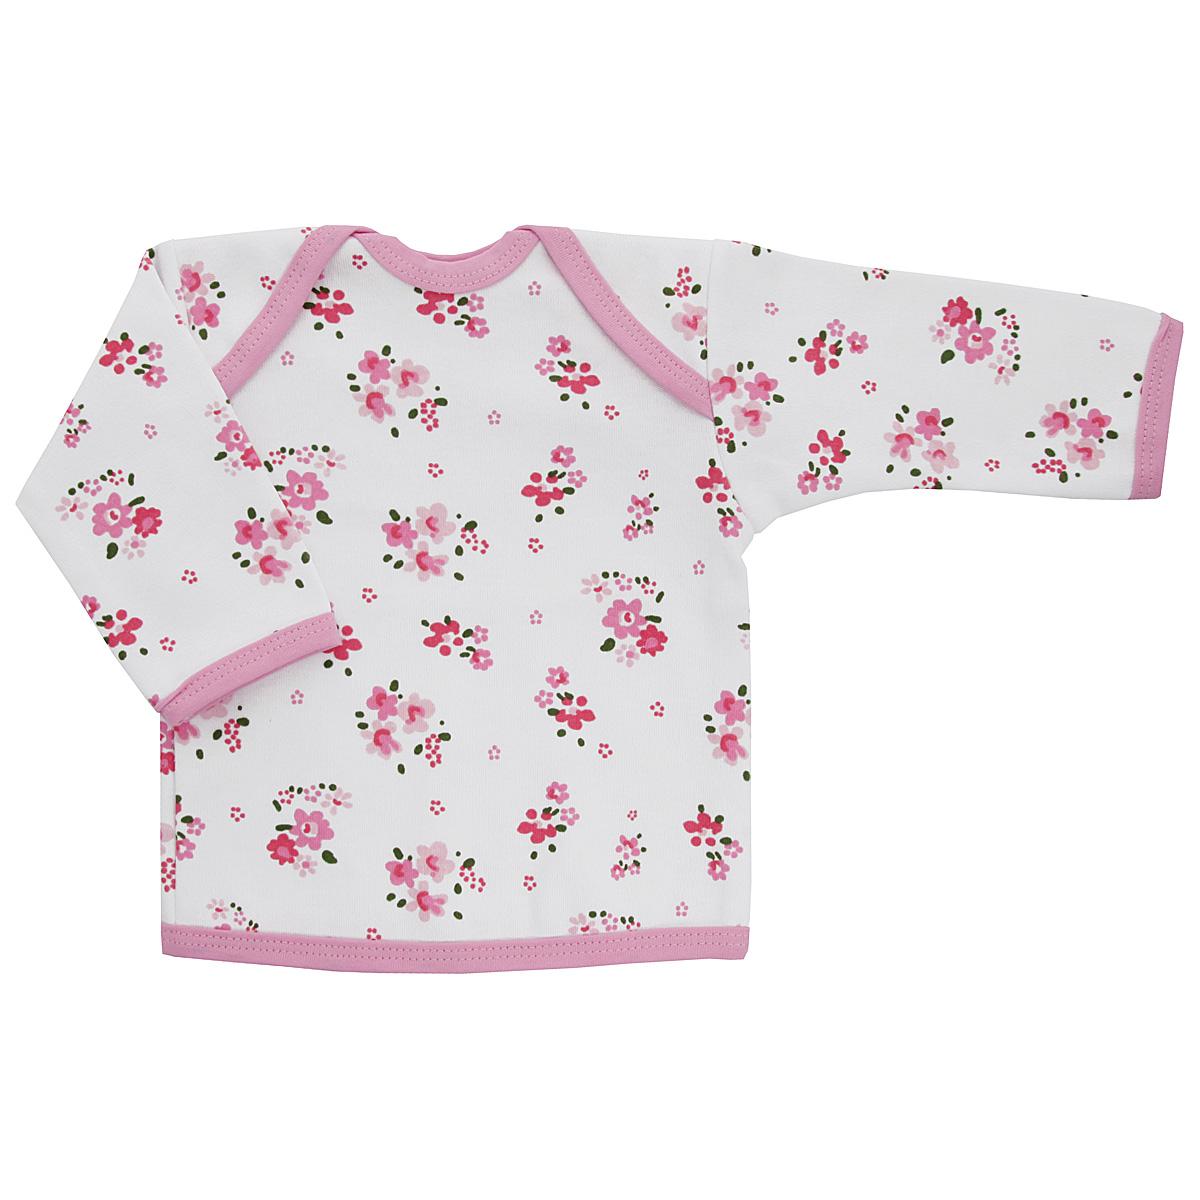 Футболка5611_цветыУдобная футболка для девочки Трон-плюс с длинными рукавами послужит идеальным дополнением к гардеробу вашей малышки, обеспечивая ей наибольший комфорт. Изготовленная из интерлока - натурального хлопка, она необычайно мягкая и легкая, не раздражает нежную кожу ребенка и хорошо вентилируется, а эластичные швы приятны телу ребенка и не препятствуют его движениям. Удобные запахи на плечах помогают легко переодеть младенца. Горловина, низ модели и низ рукавов дополнены трикотажной бейкой. Спинка модели незначительно укорочена. Оформлено изделие цветочным принтом. Футболка полностью соответствует особенностям жизни ребенка в ранний период, не стесняя и не ограничивая его в движениях.